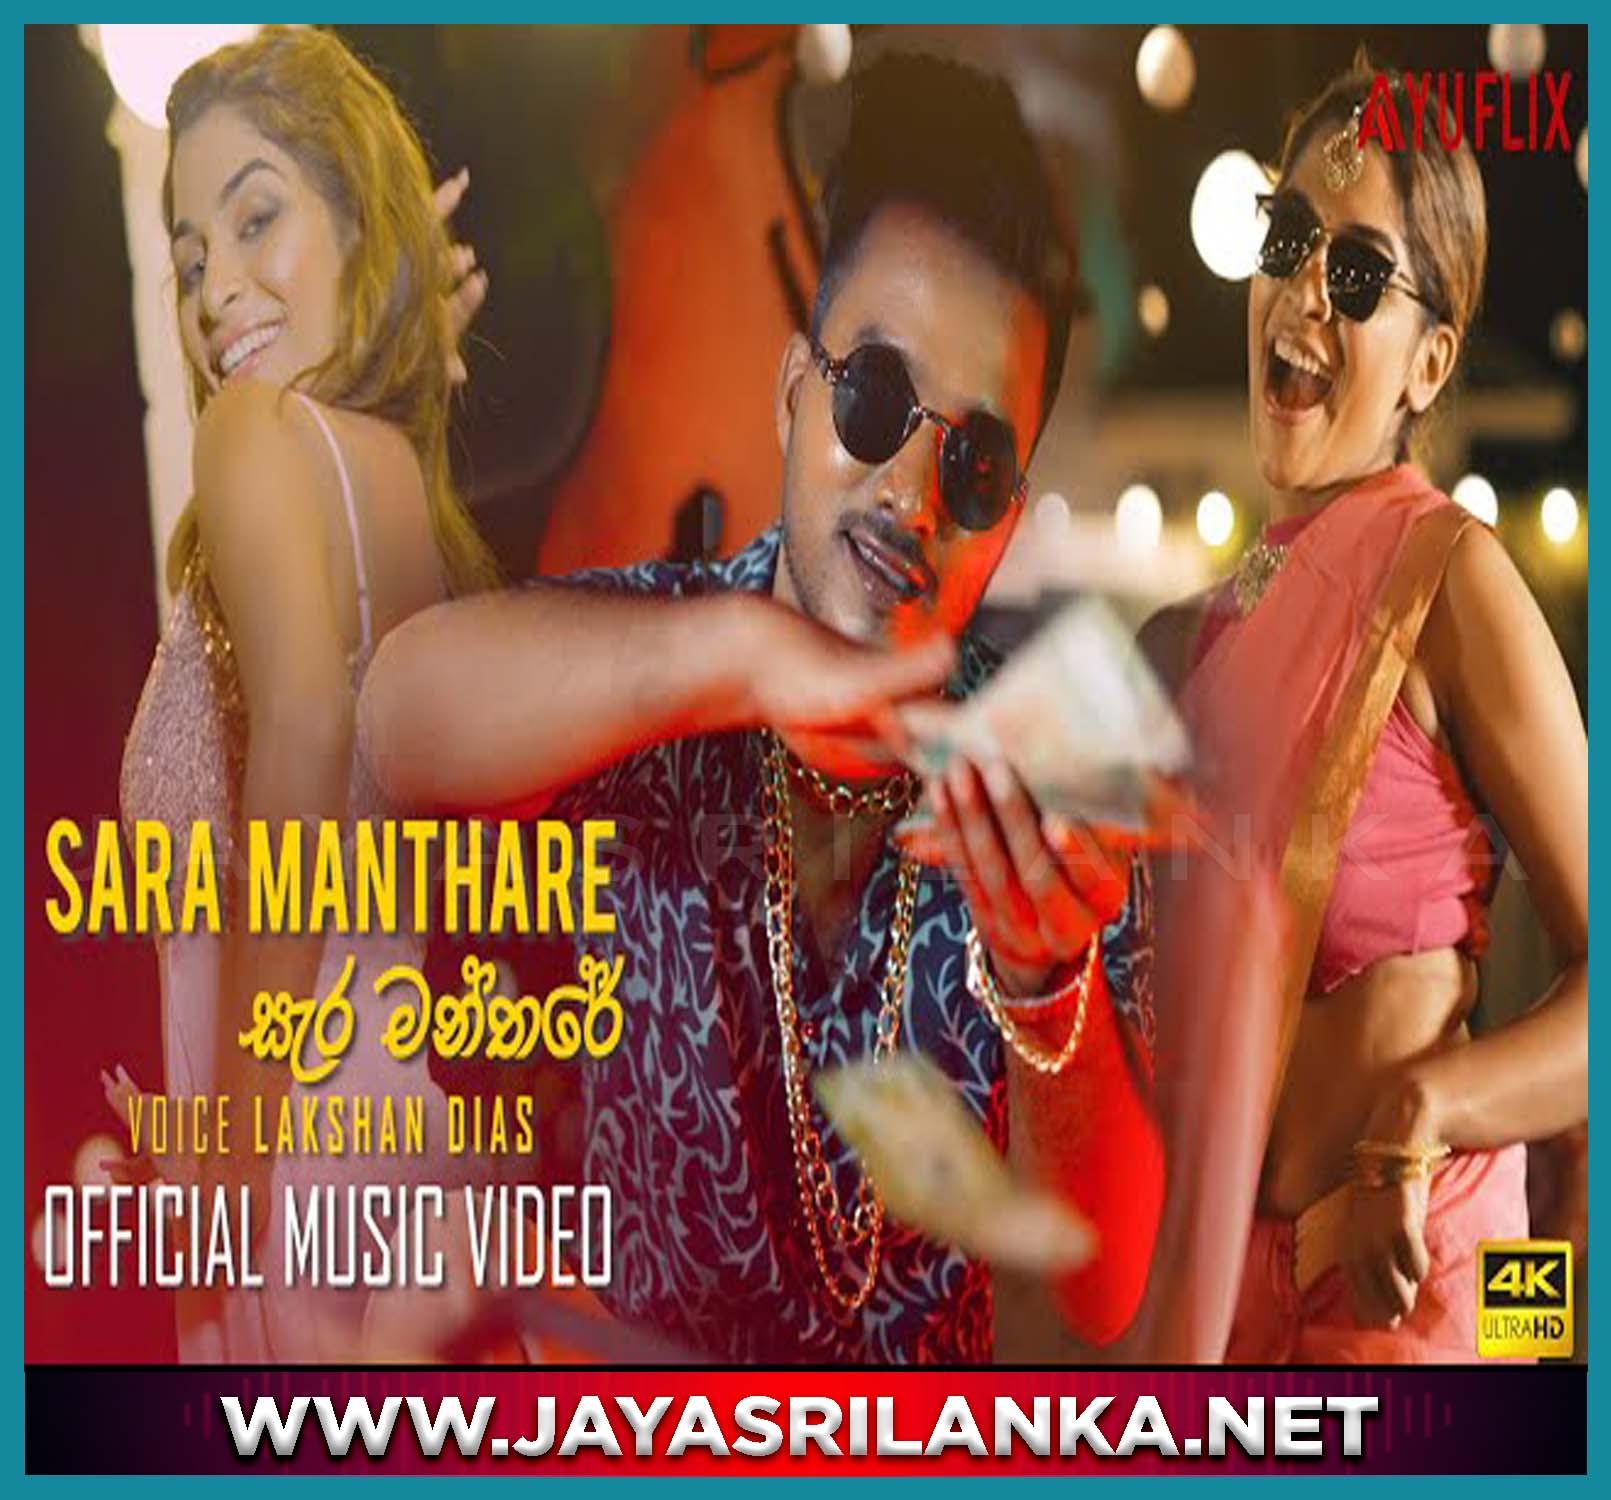 Sara Manthare